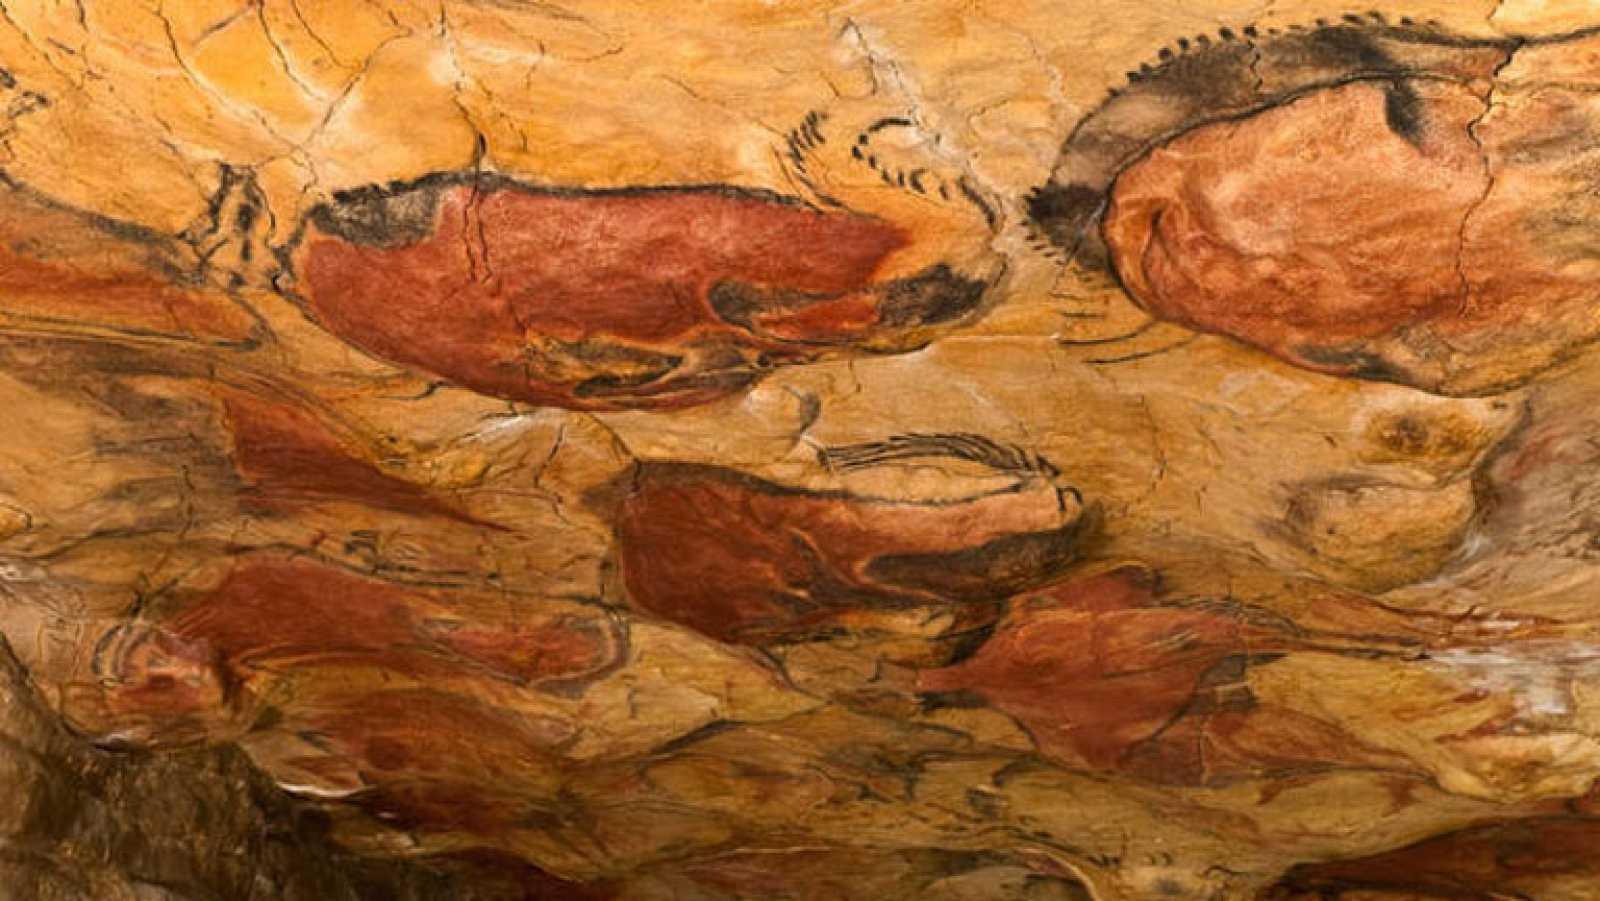 La cueva de Altamira seguirá abierta a las visitas hasta febrero de 2015 al no suponer un riesgo para las pinturas